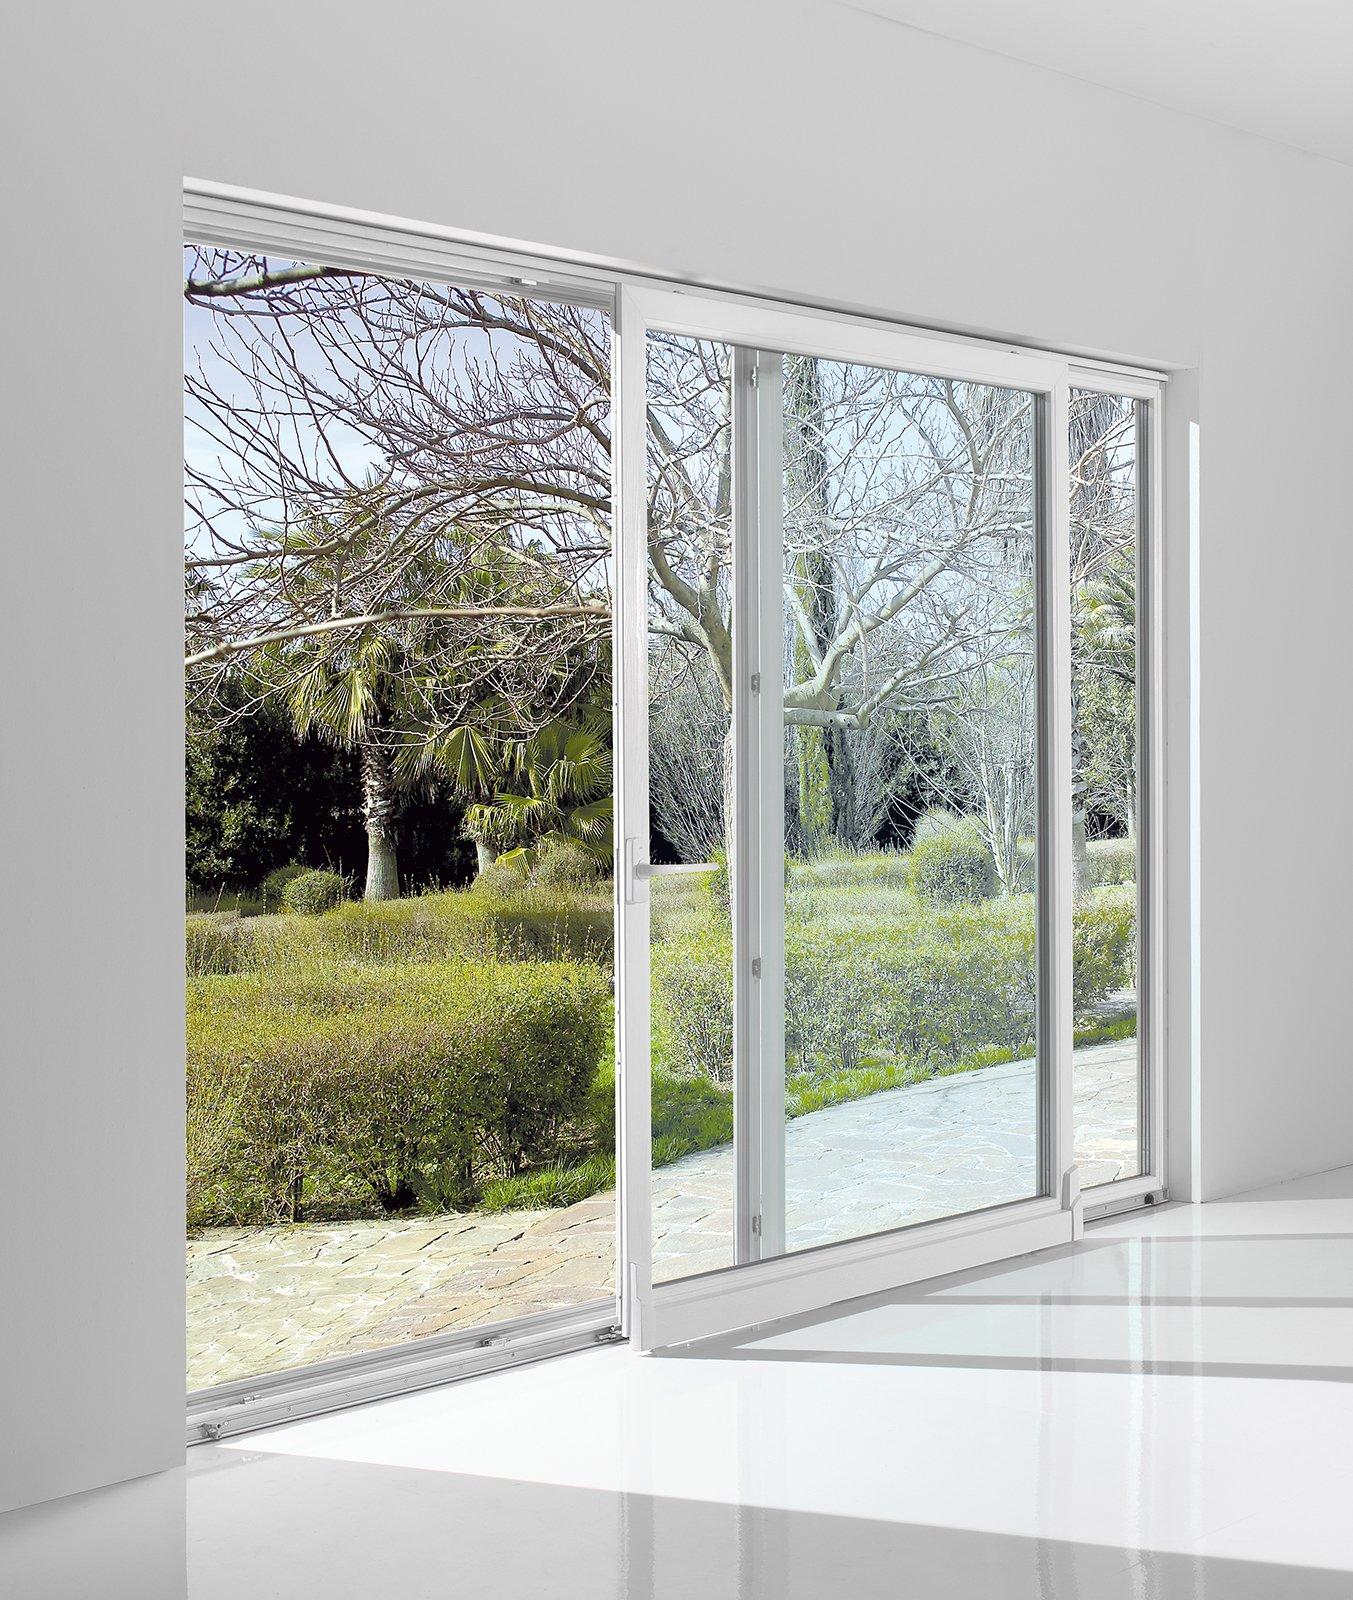 Porte e finestre di sicurezza casa protetta anche durante le vacanze cose di casa - Maniglie finestre prezzi ...